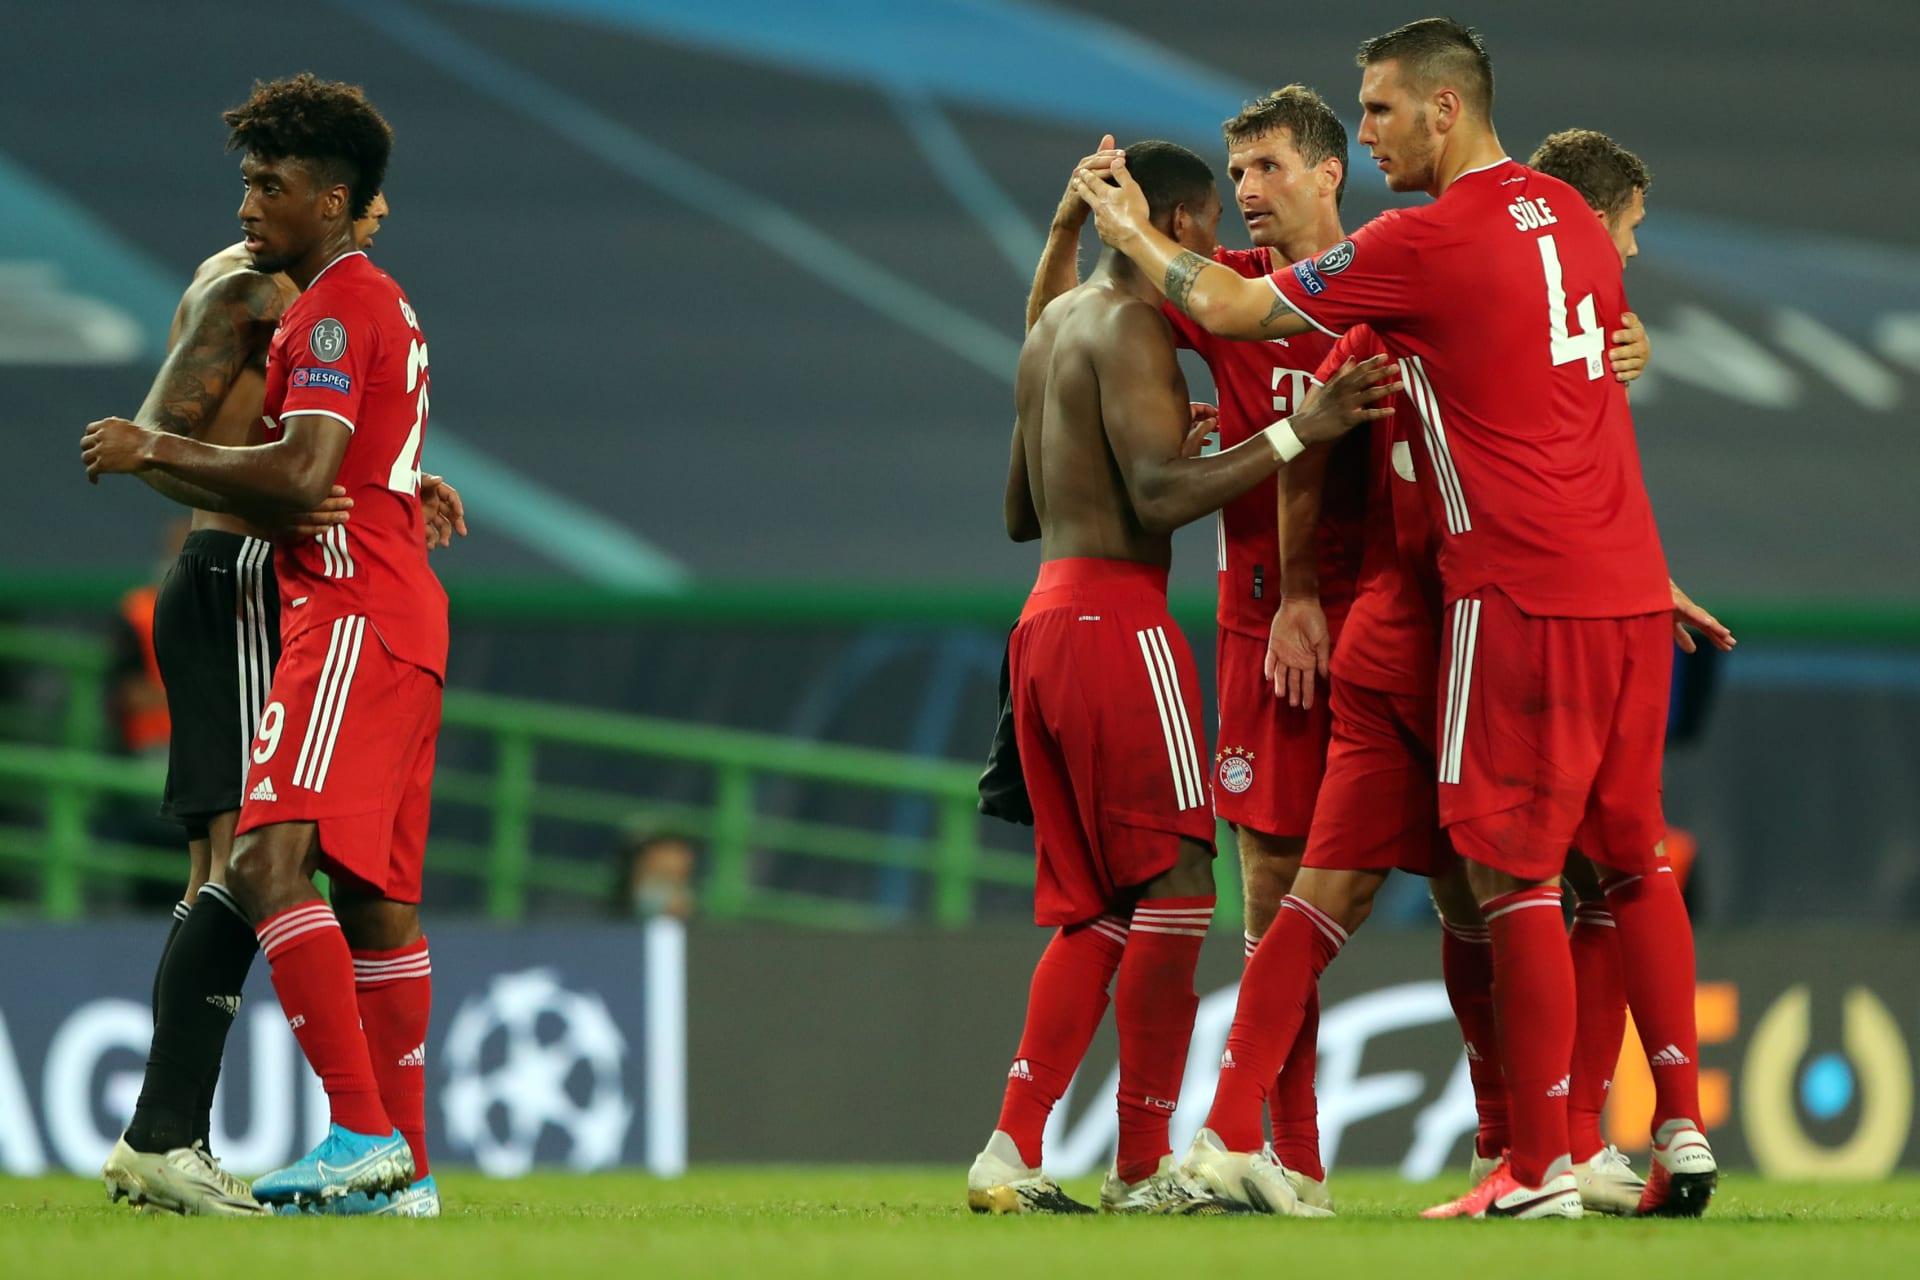 لاعبو بايرن ميونخ الألماني يحتفلون بالفوز على ليون الفرنسي في مباراة نصف نهائي دوري أبطال أوروبا